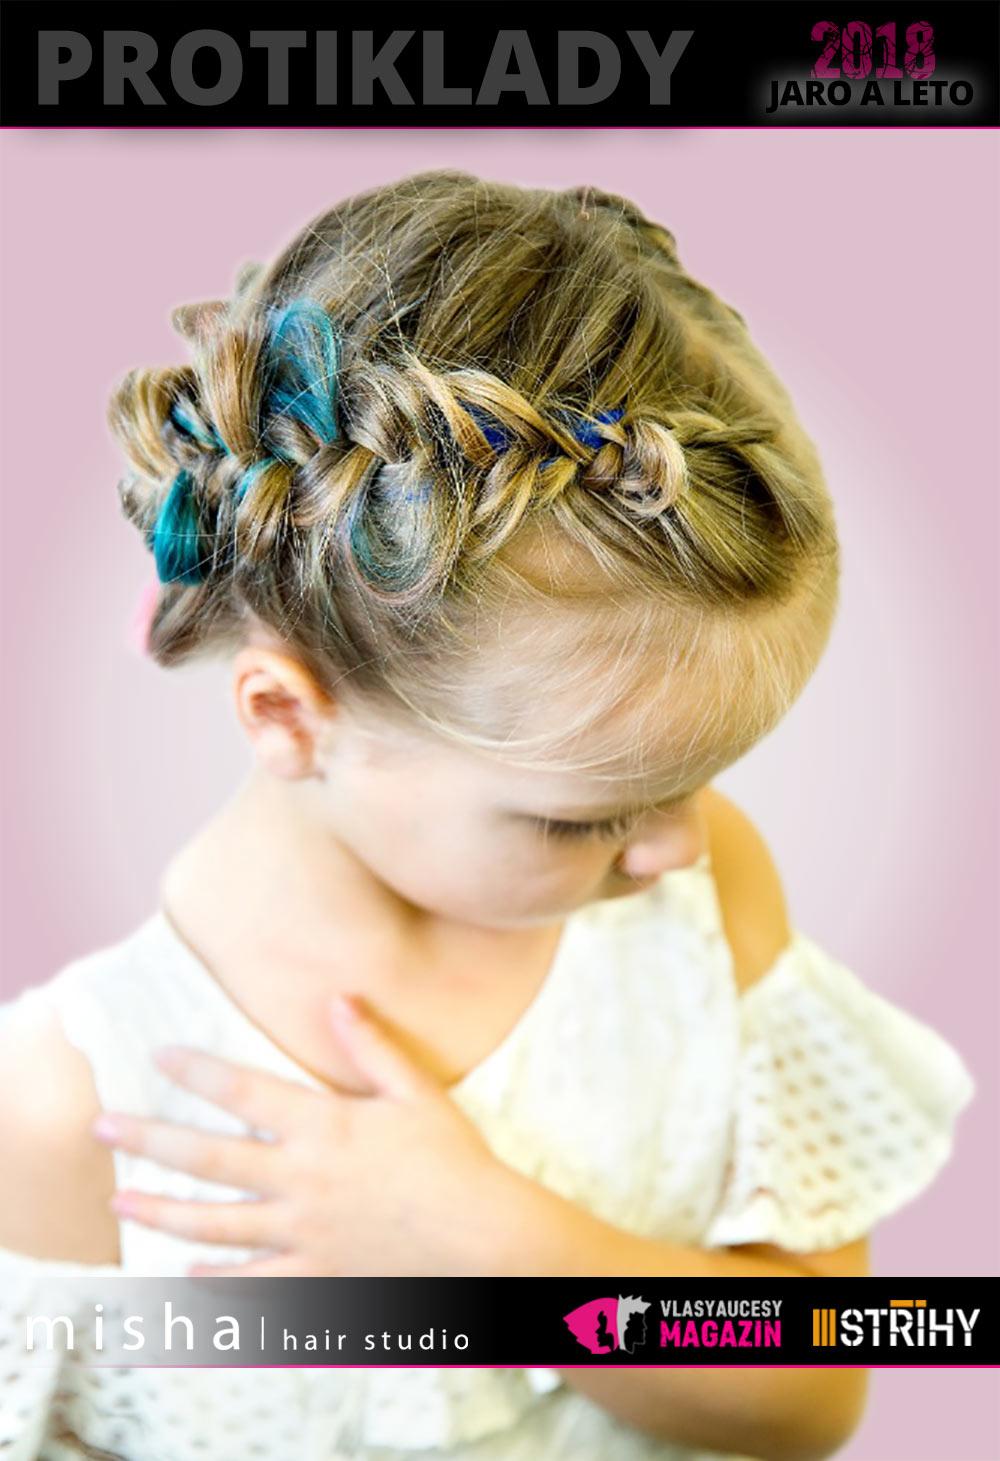 Dívčí slavnostní účes 2018 z kolekce Protiklady Misha/hair Studio.